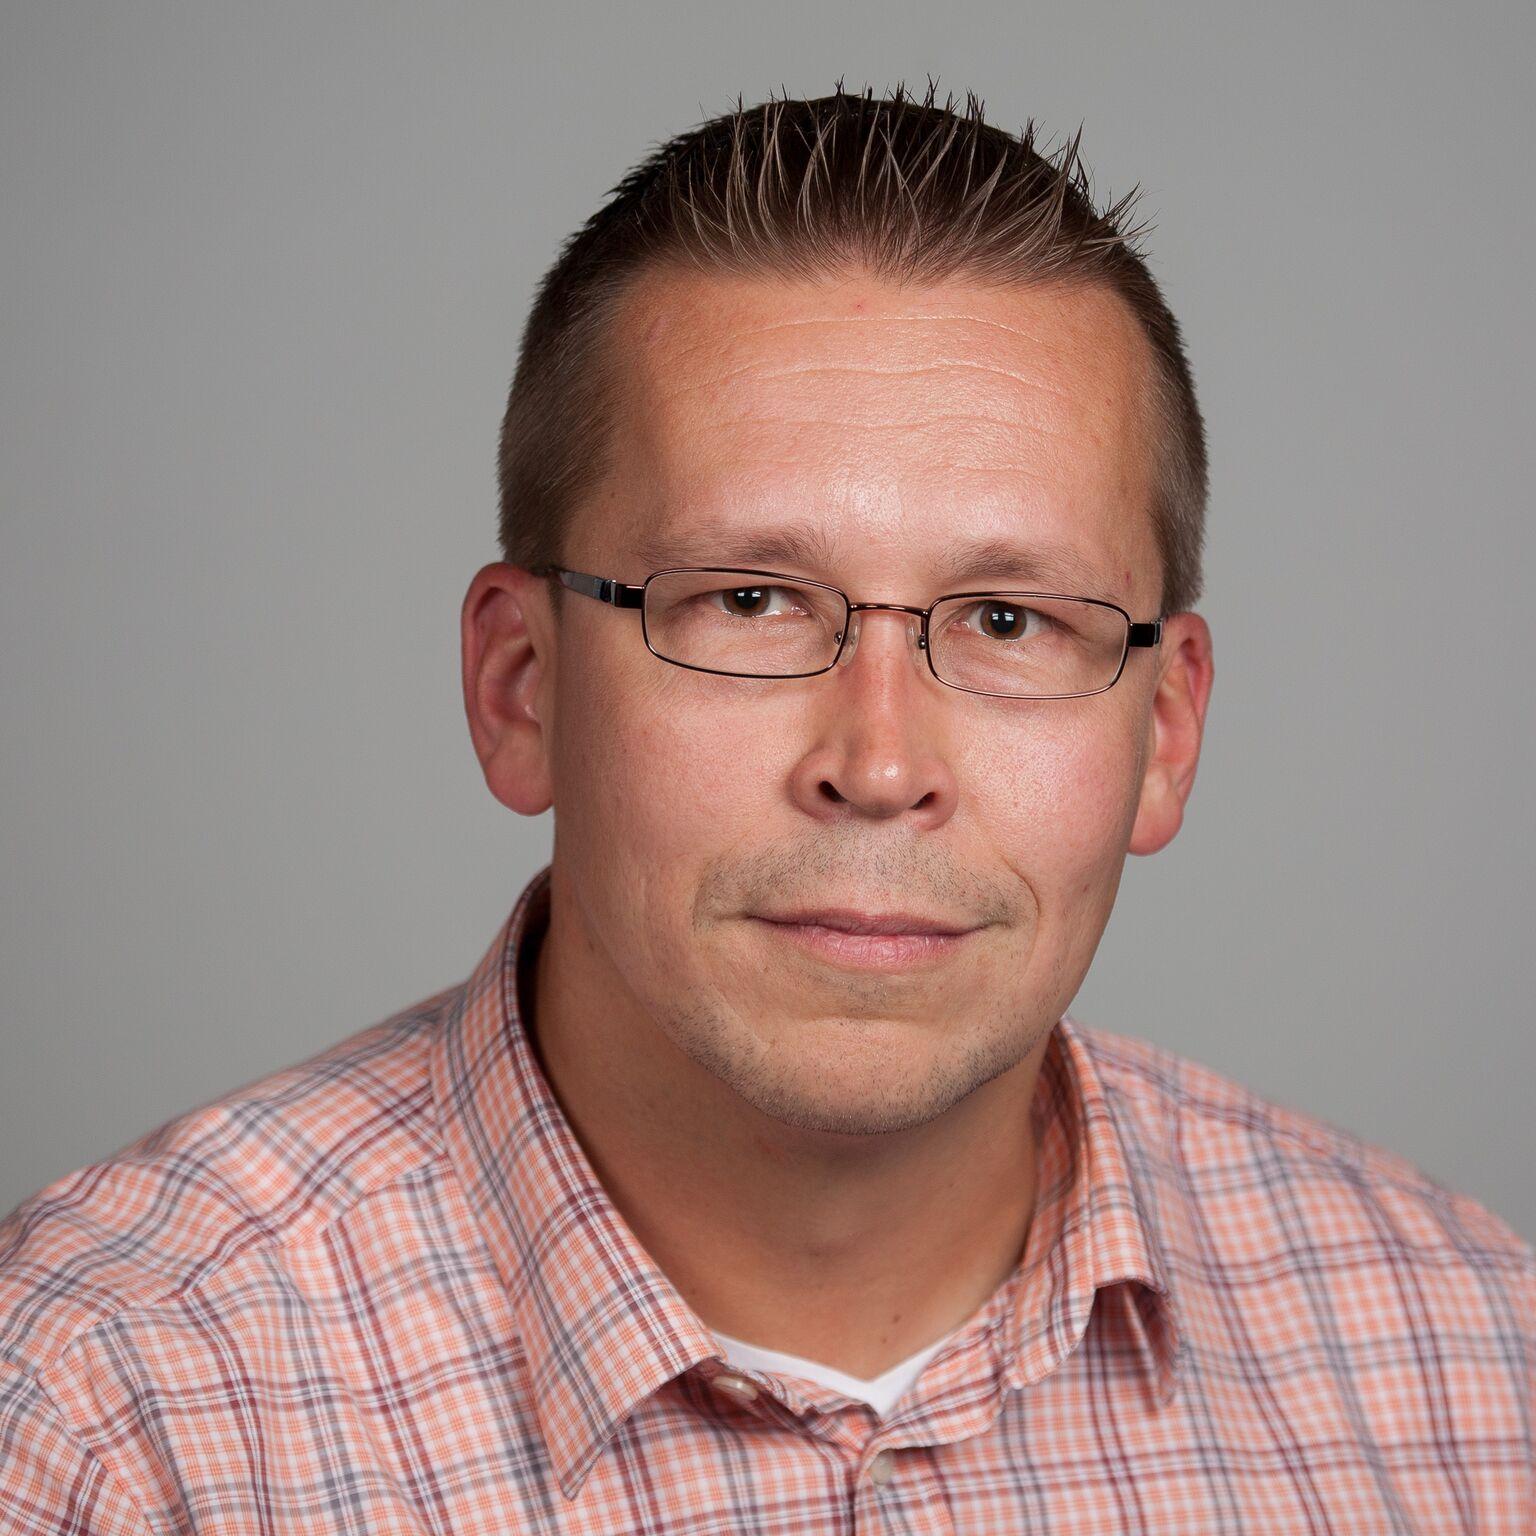 Petteri Hanhimäki